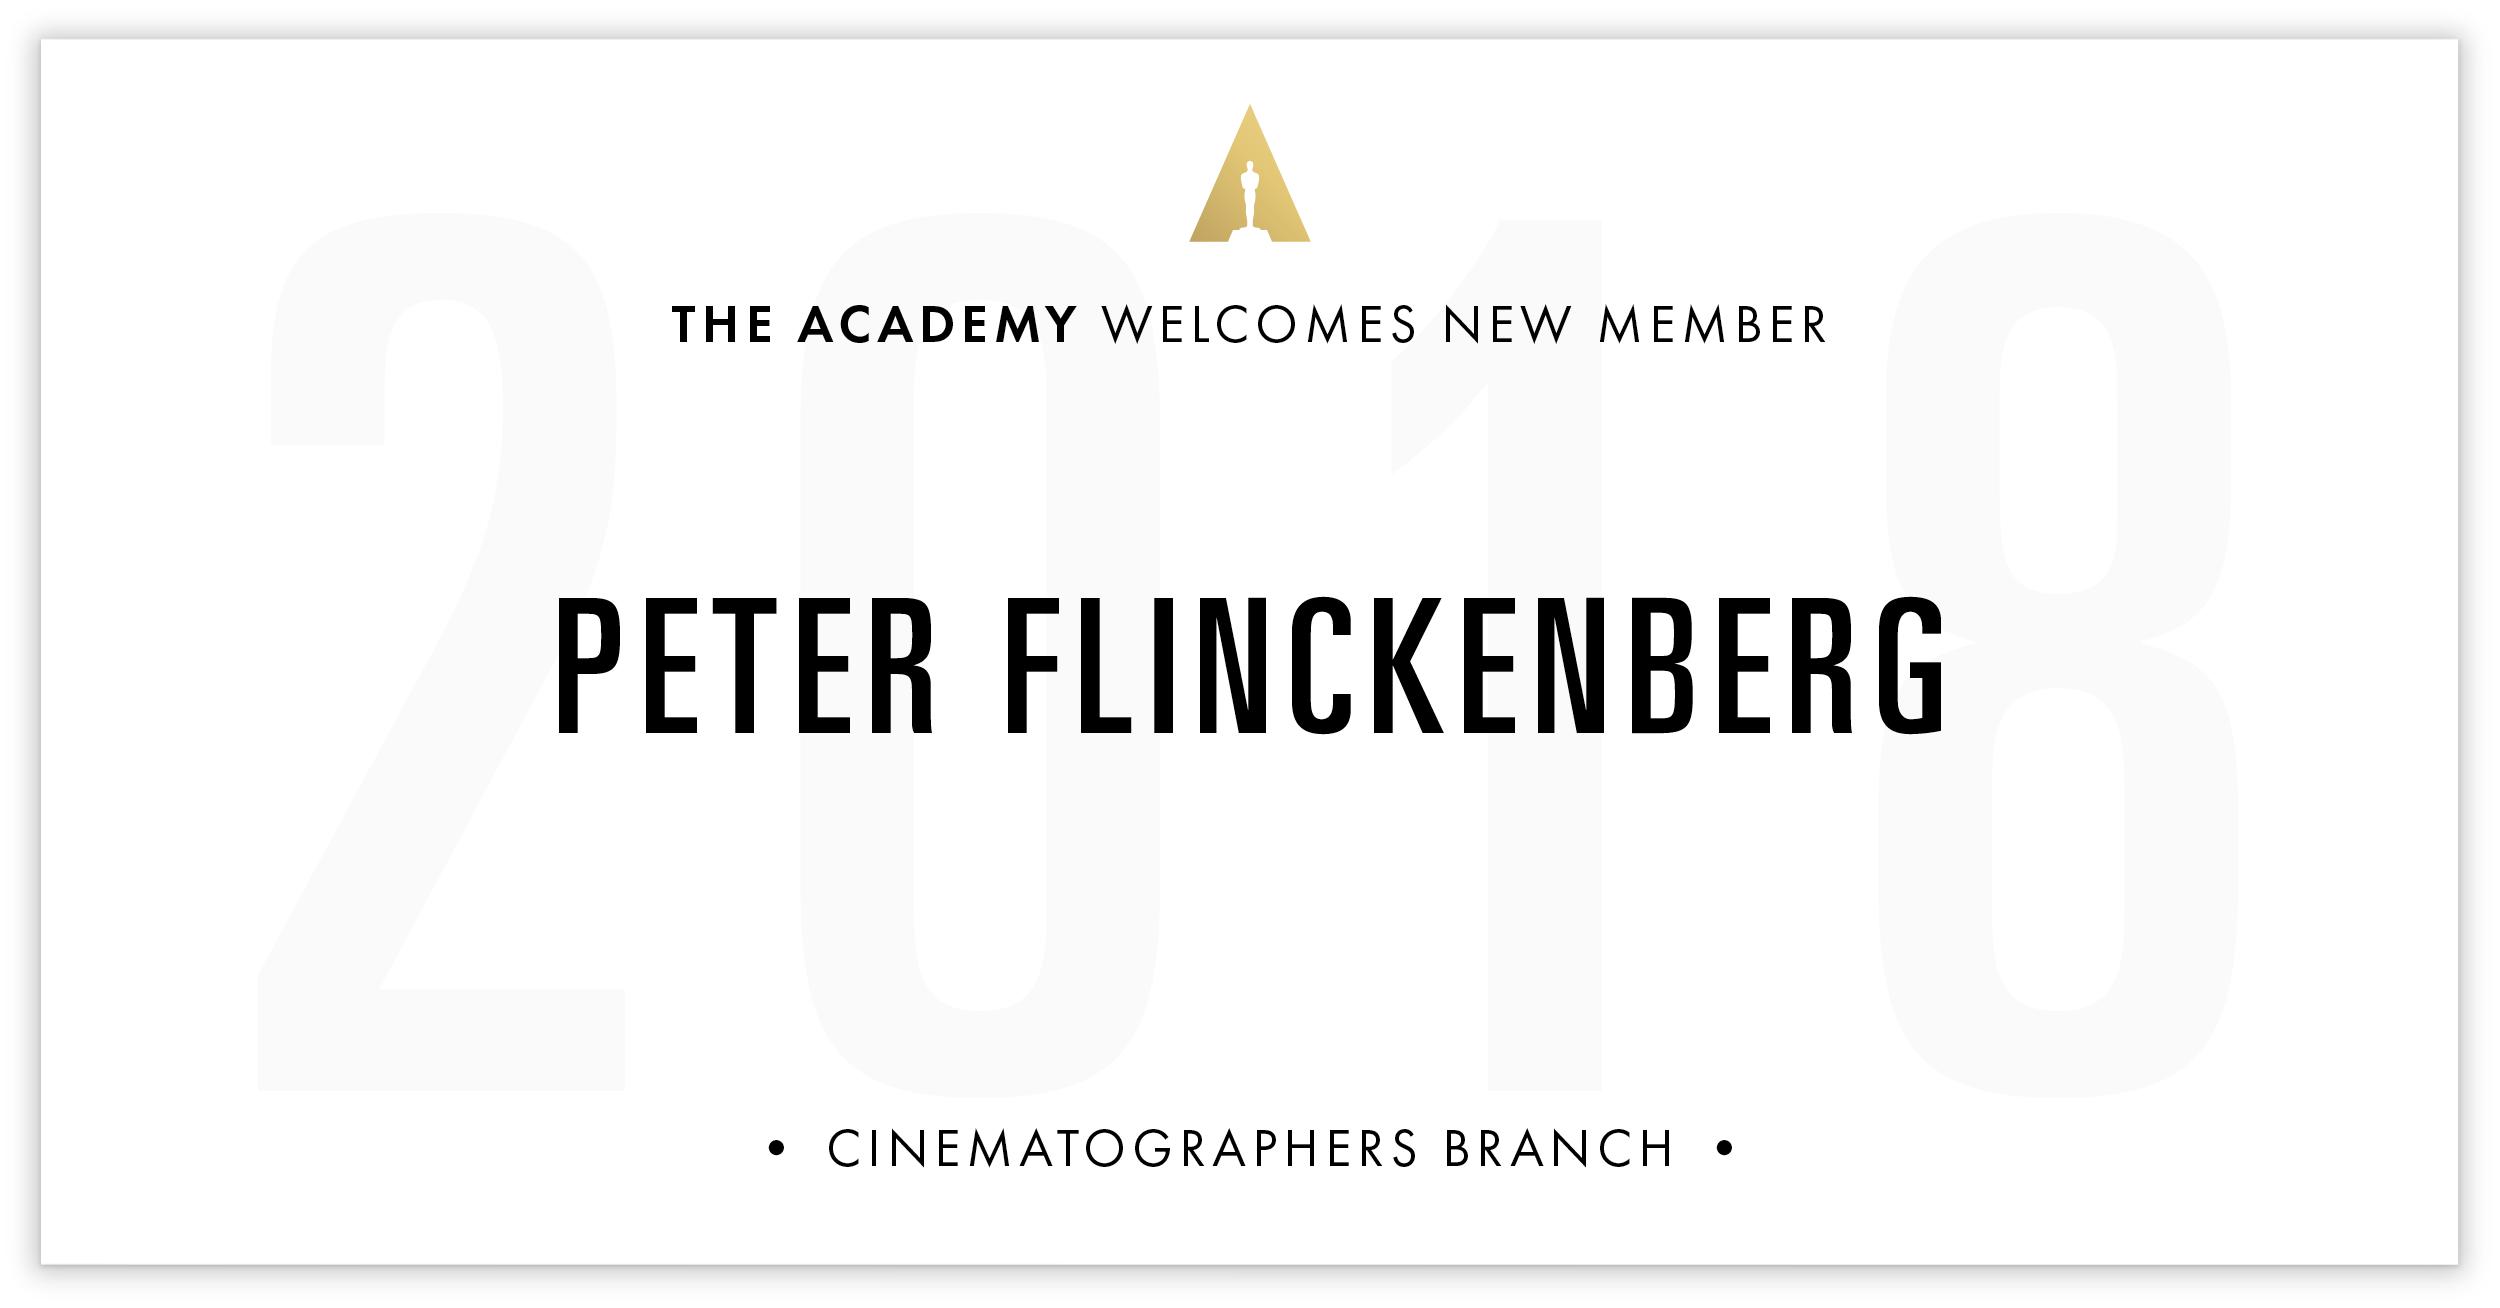 Peter Flinckenberg is invited!